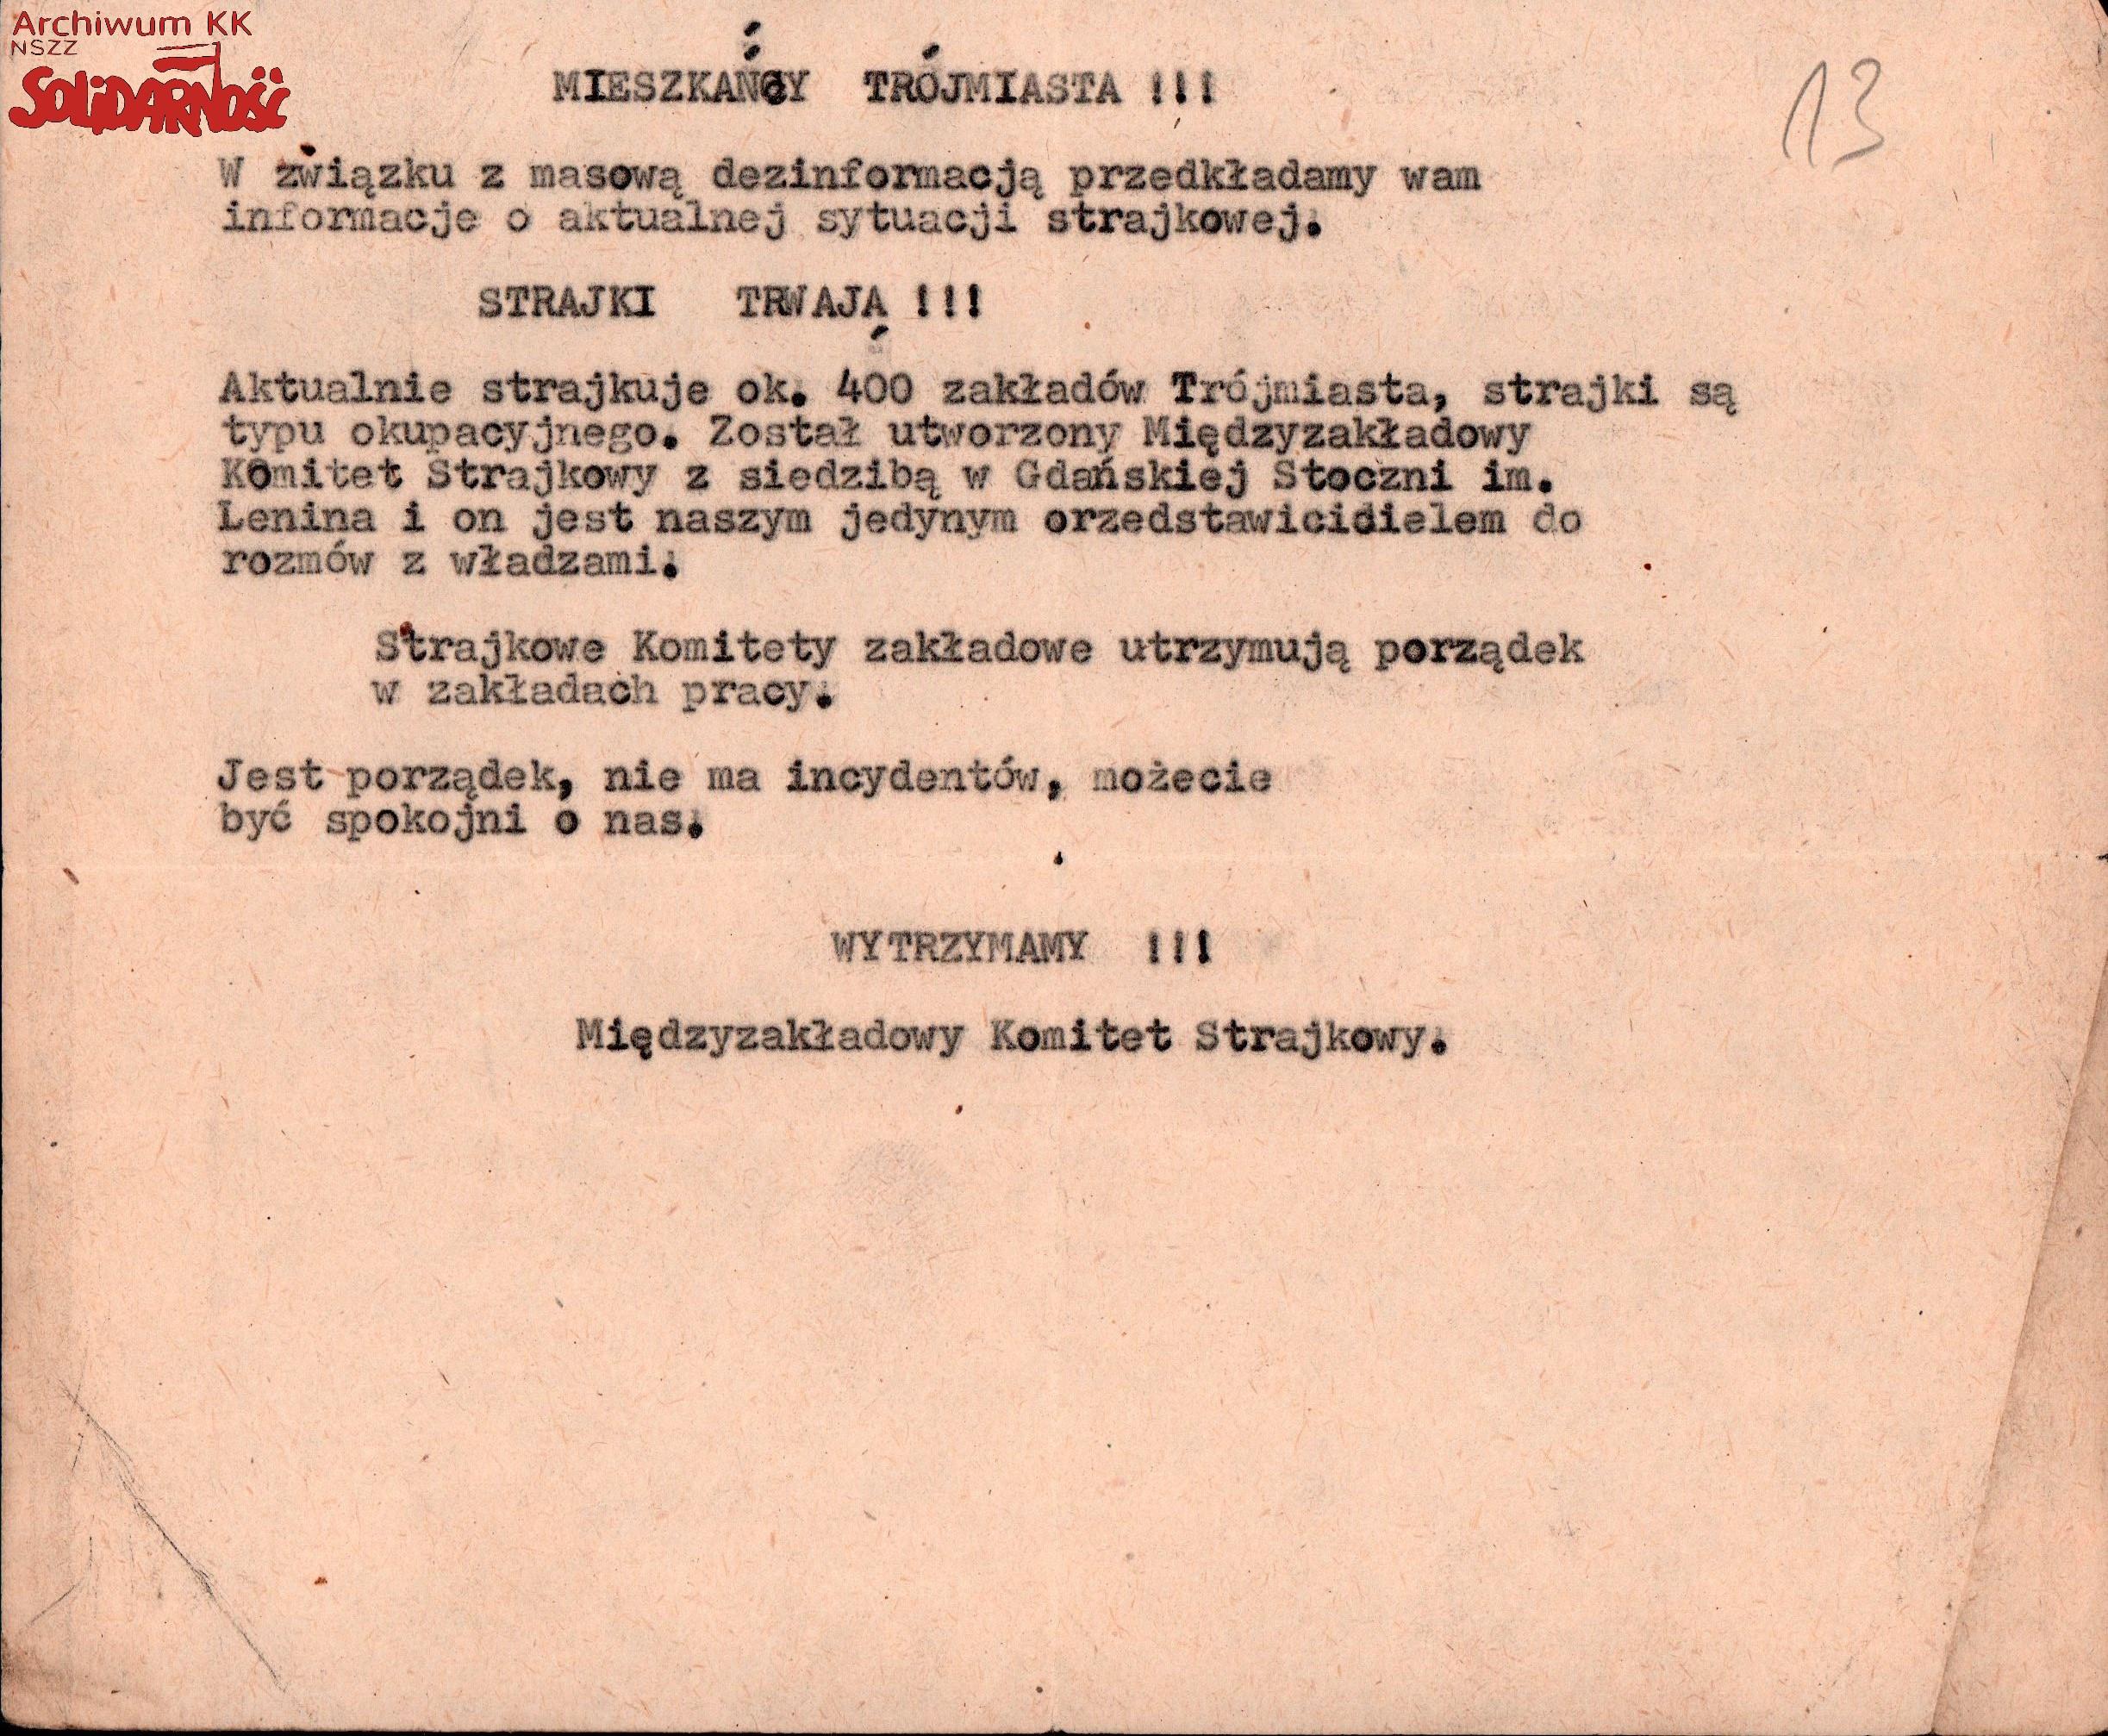 komunikat Międzyzakładowego Komitetu Strajkowego